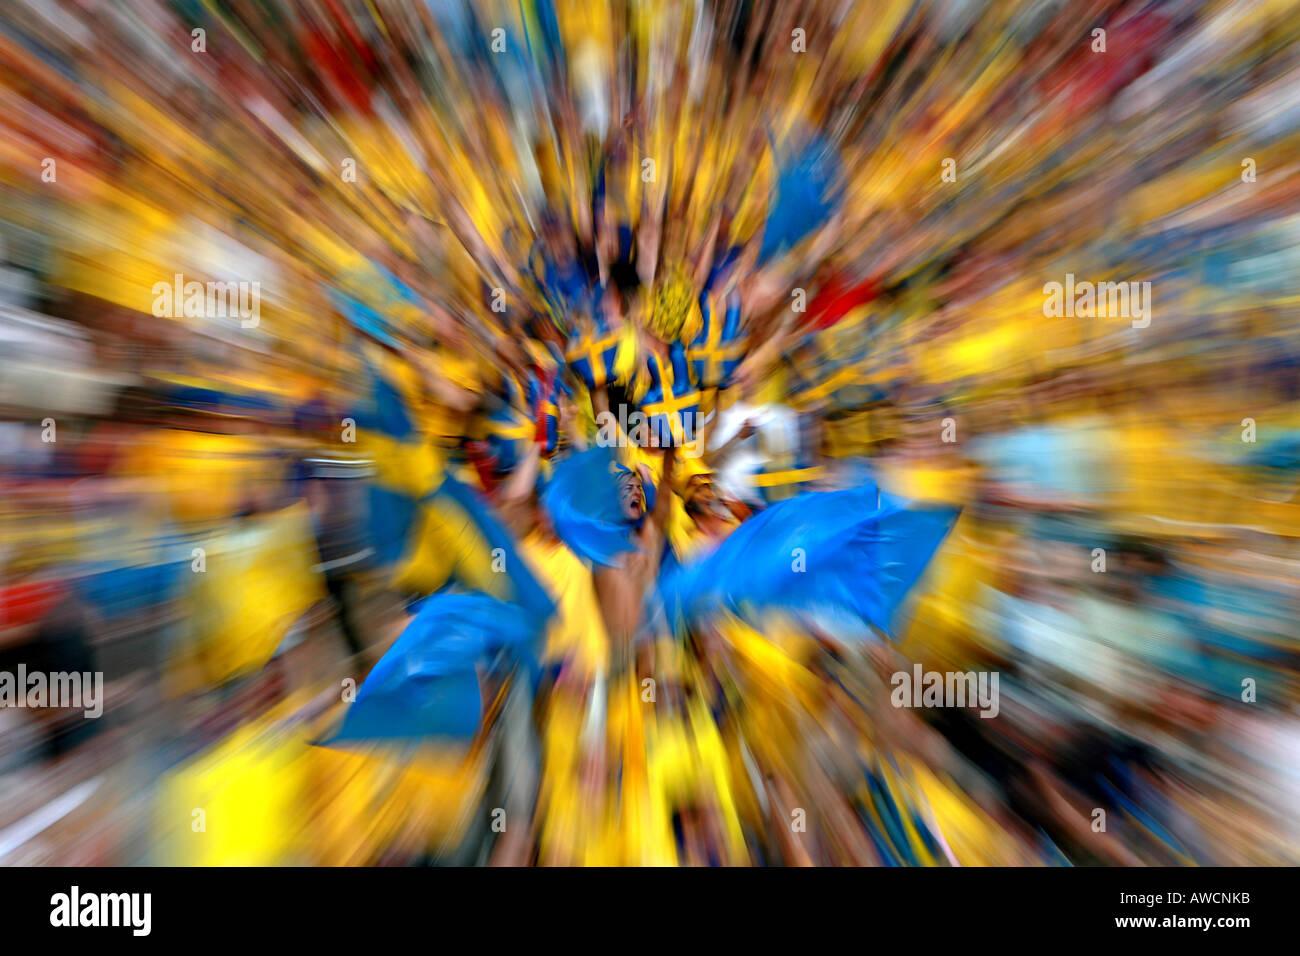 Zoomen Sie platzen Wirkung des schwedischen Fans in der Menge während der WM 2006 Stockbild